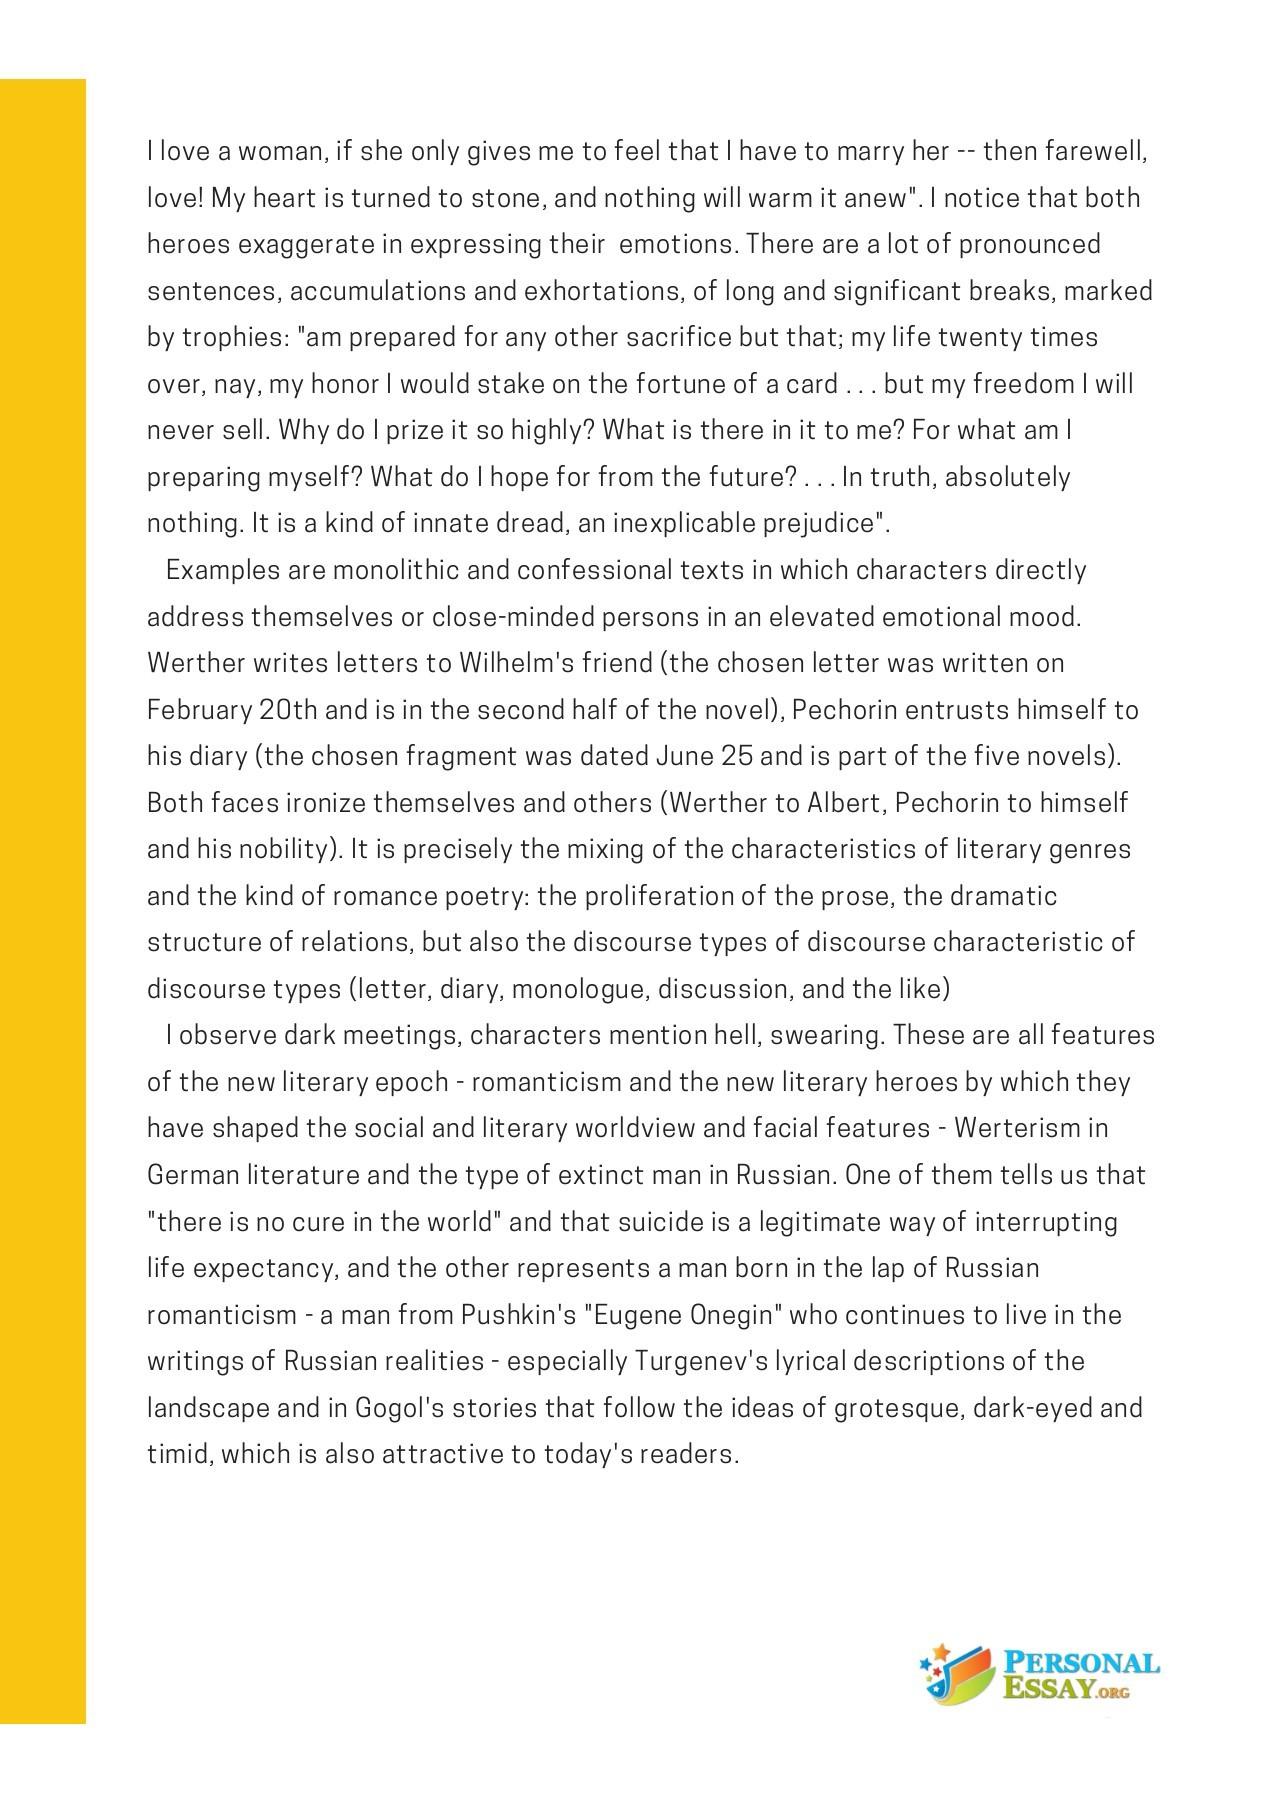 response essay example